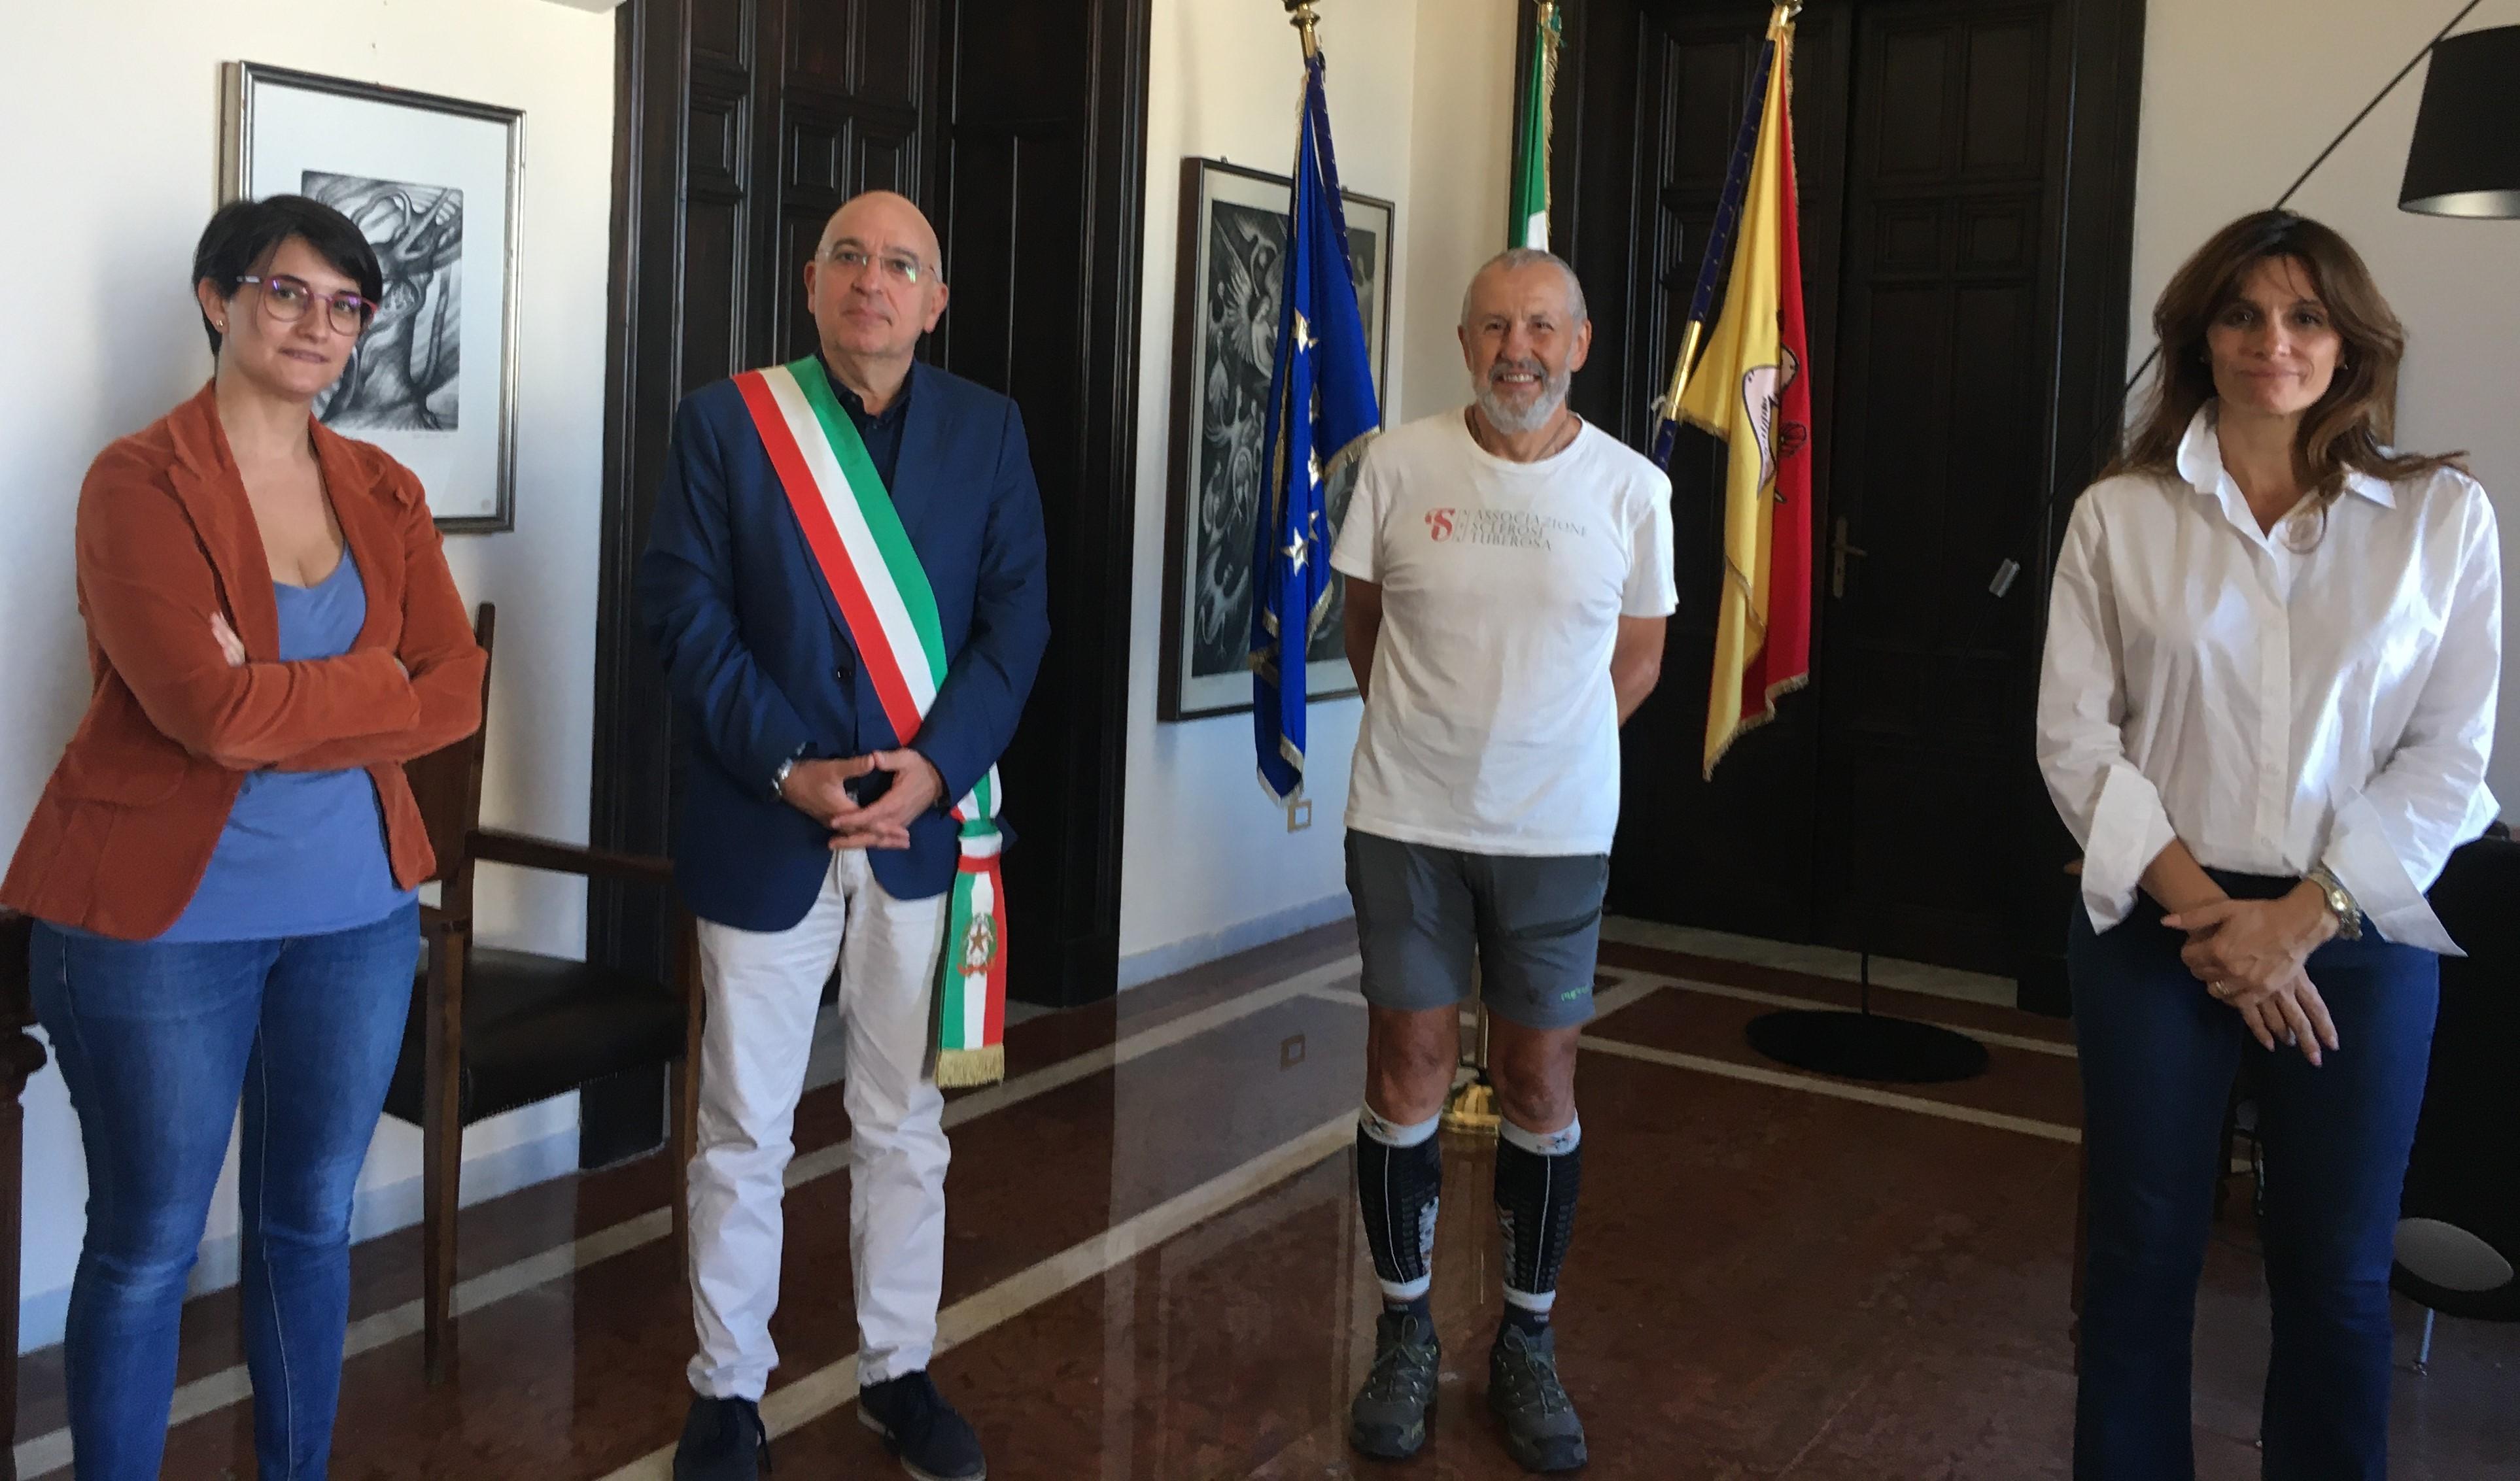 Malattie rare, da Udine a Ispica per la lotta alla sclerosi tuberosa